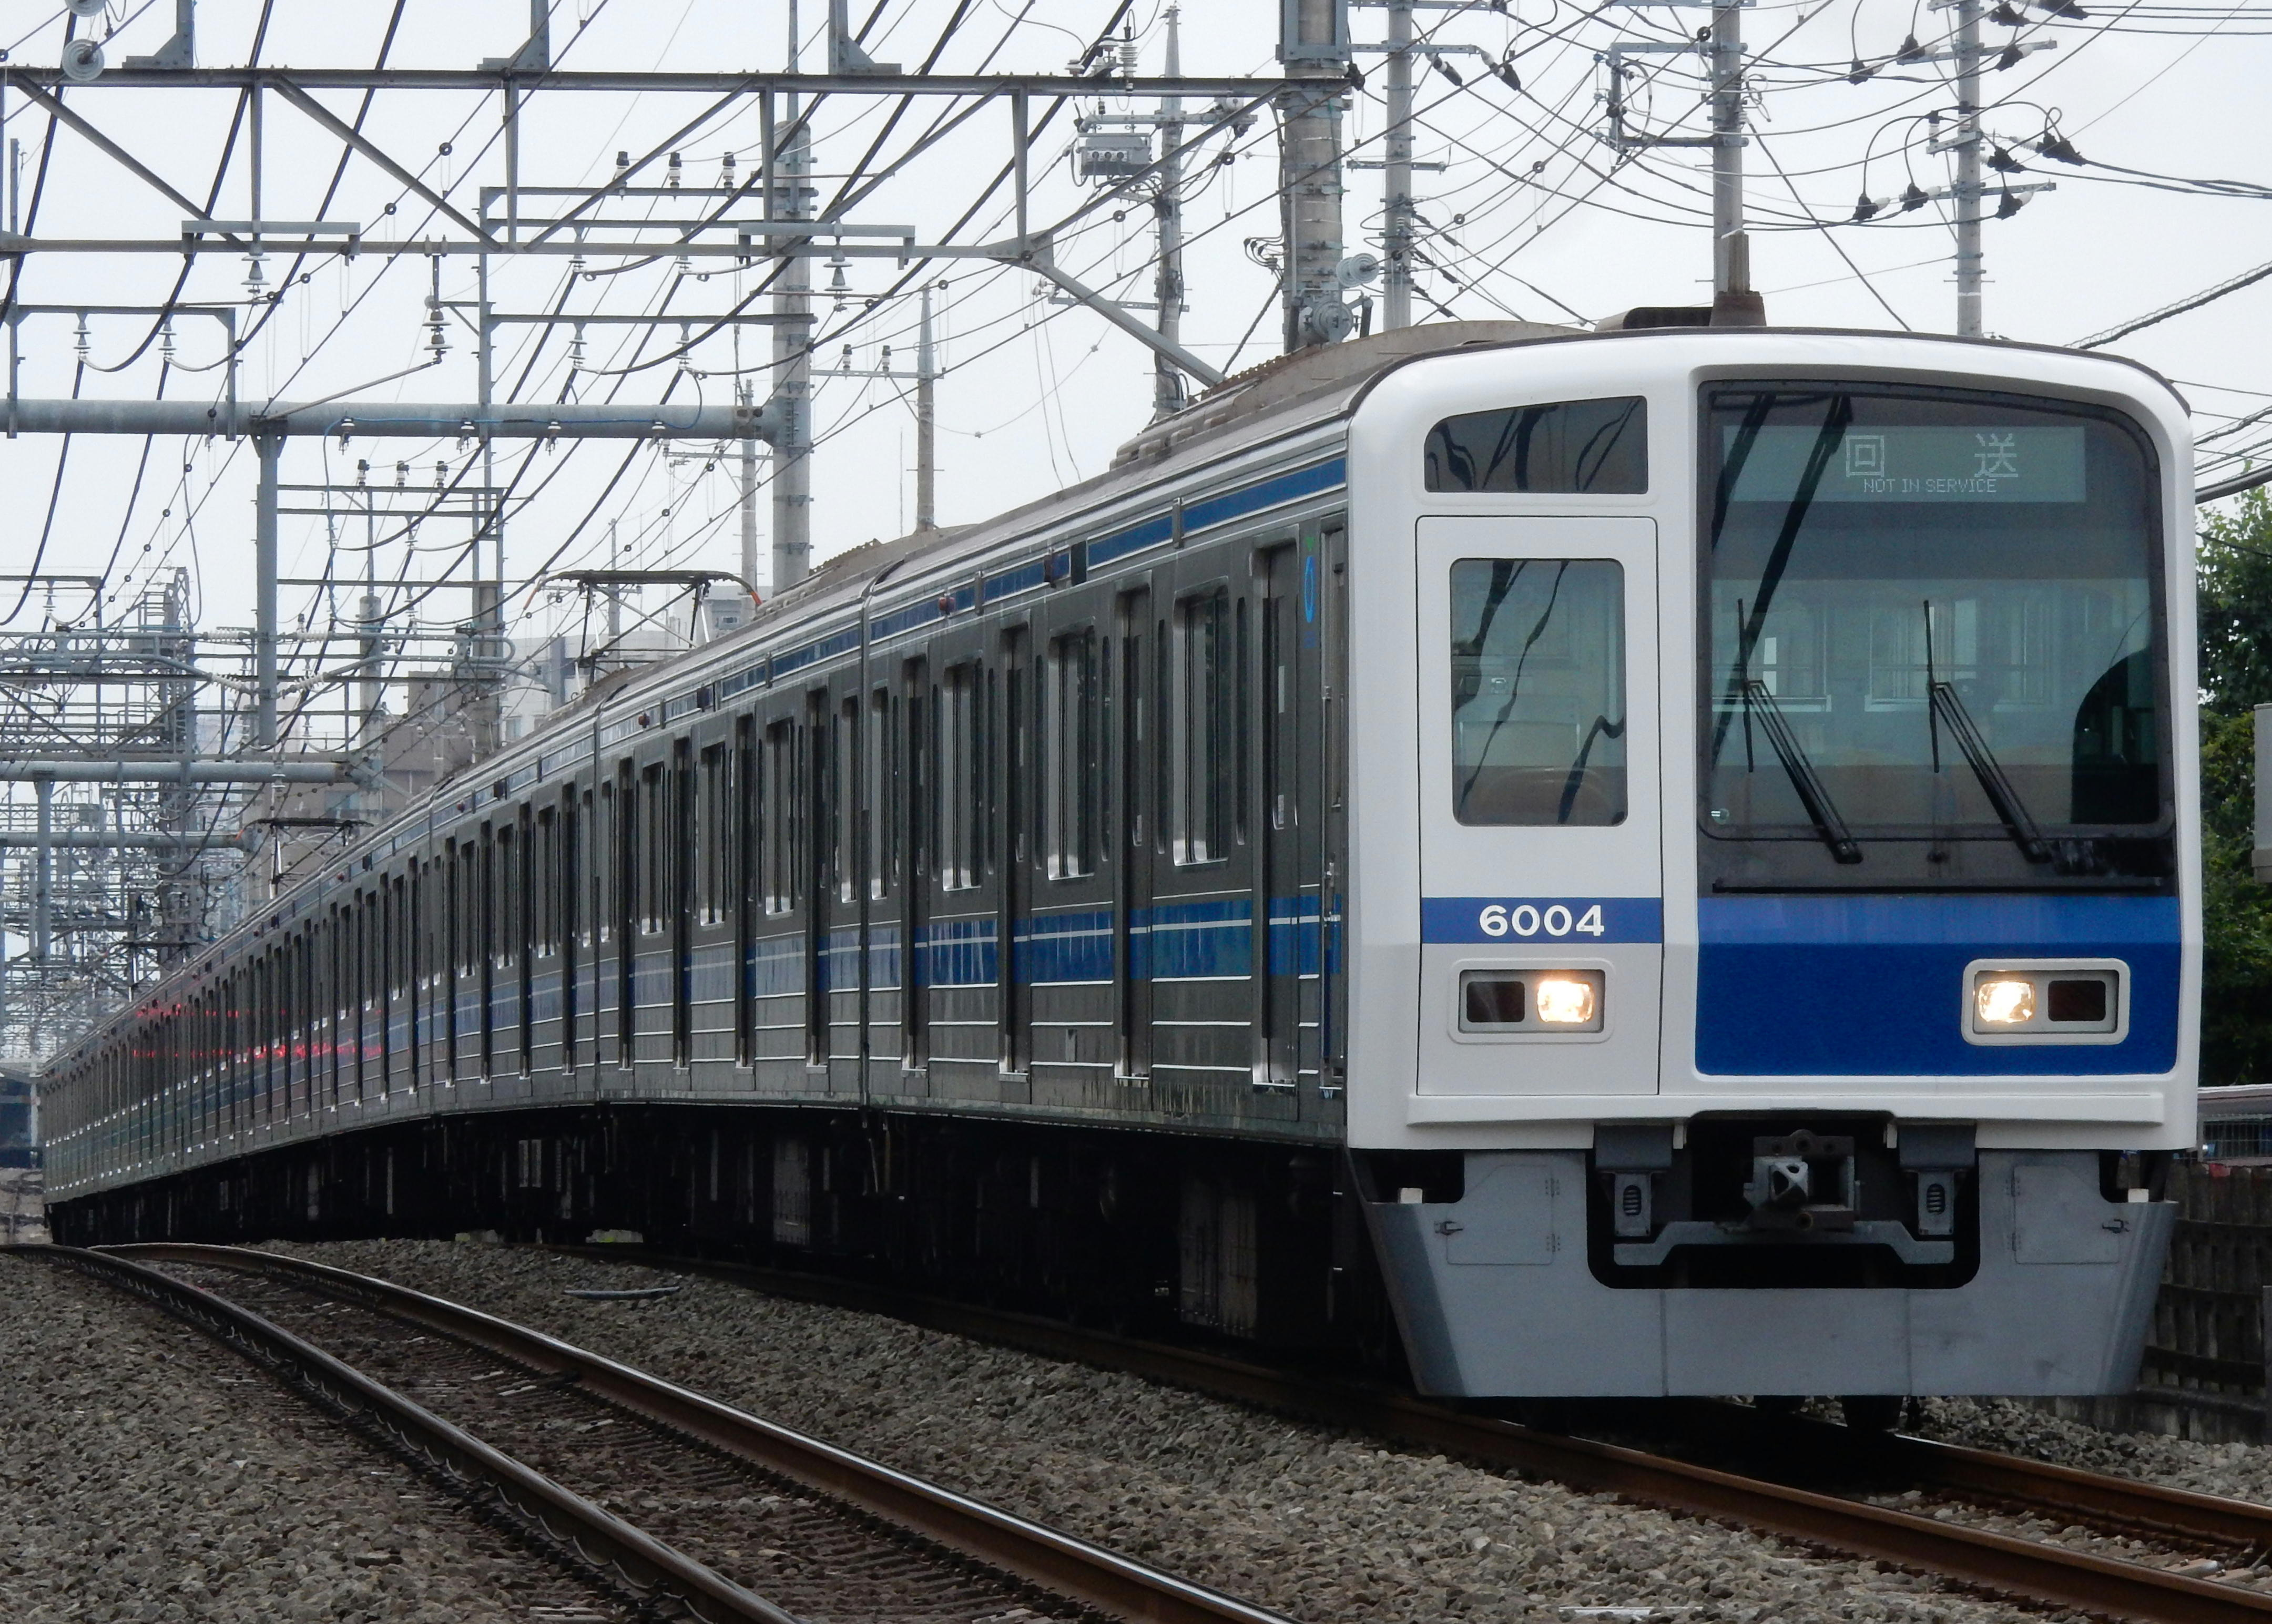 DSCN3752 - コピー